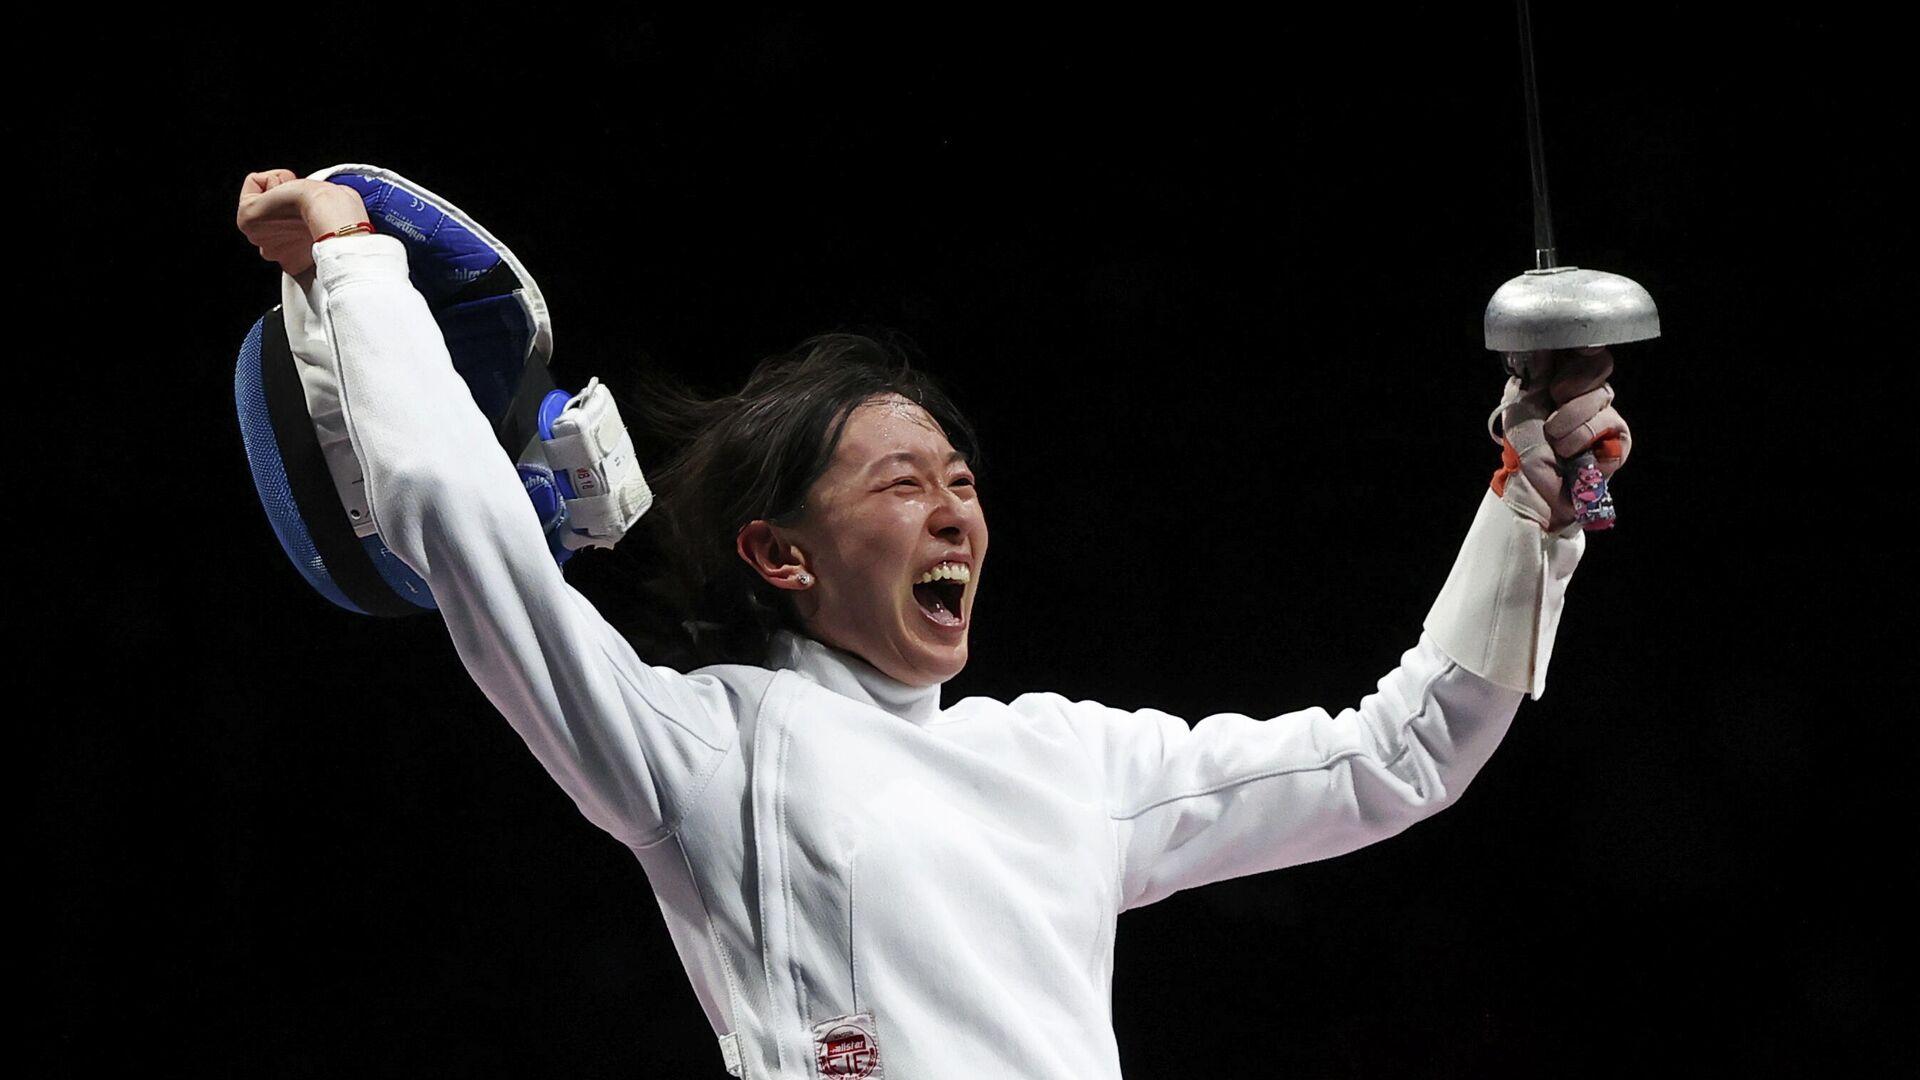 Китайская шпажистка Сунь Ивэнь празднует победу на Олимпийских играх. - РИА Новости, 1920, 24.07.2021